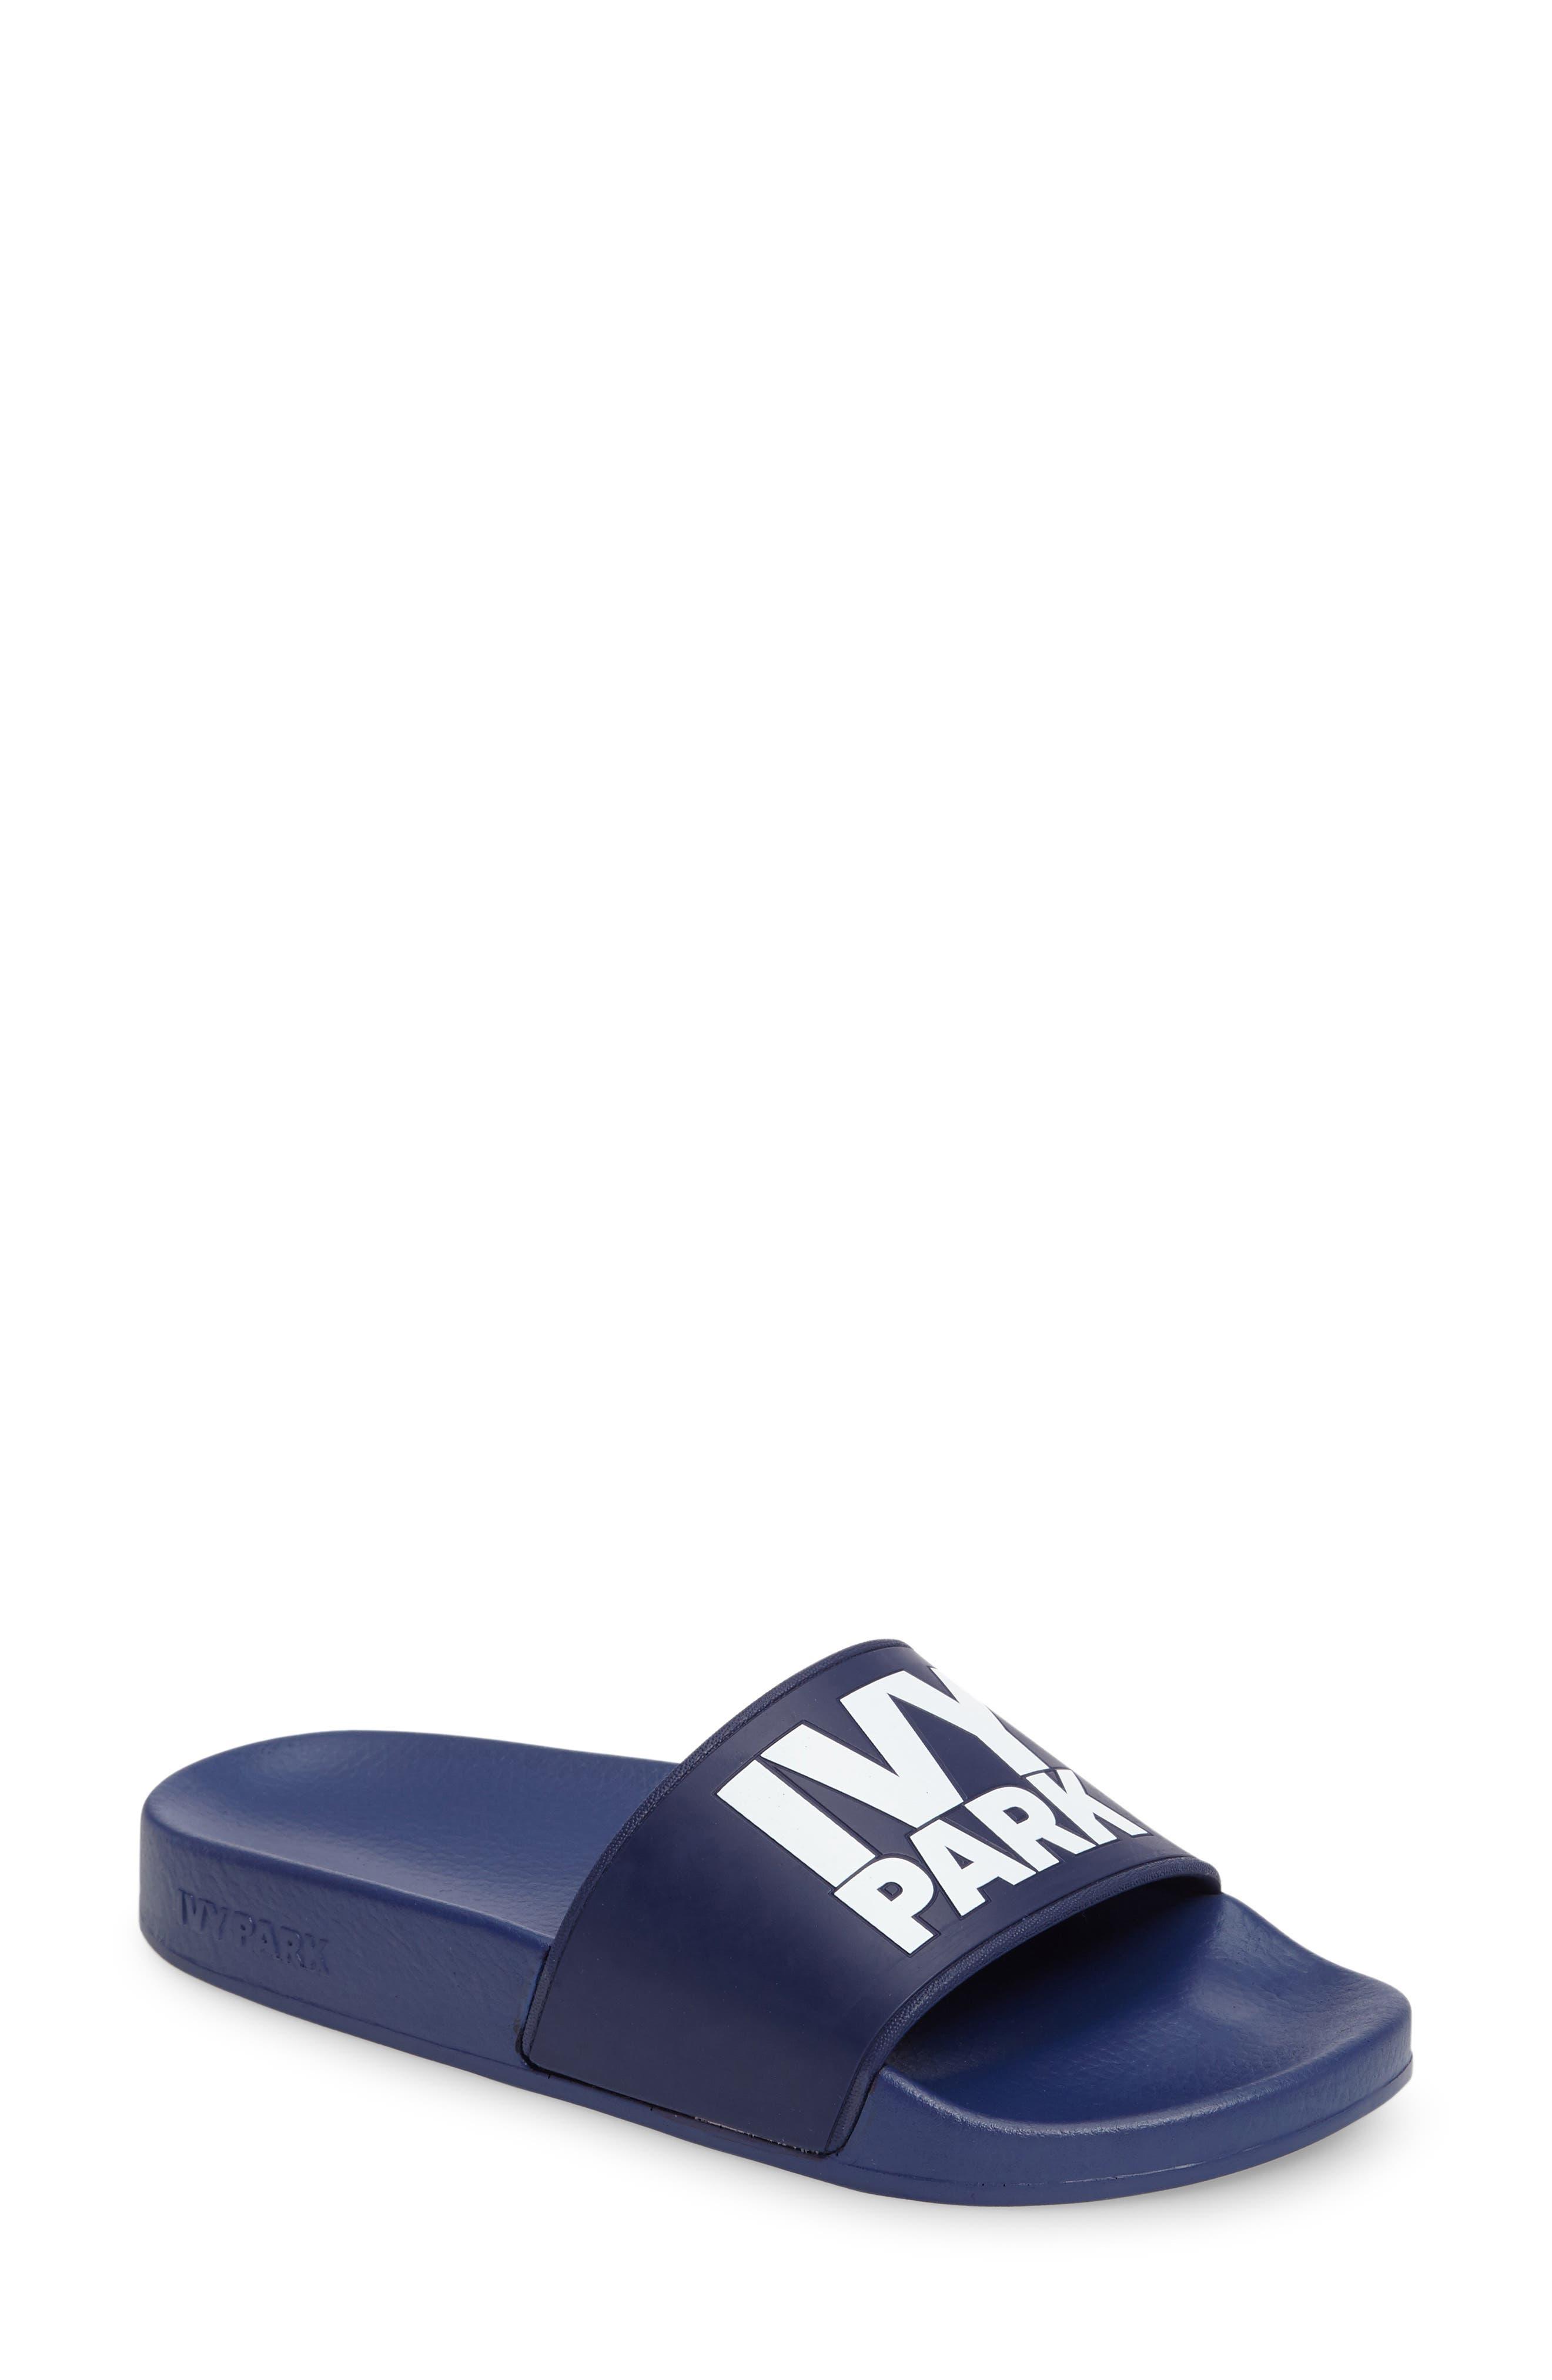 IVY PARK Logo Slide Sandal